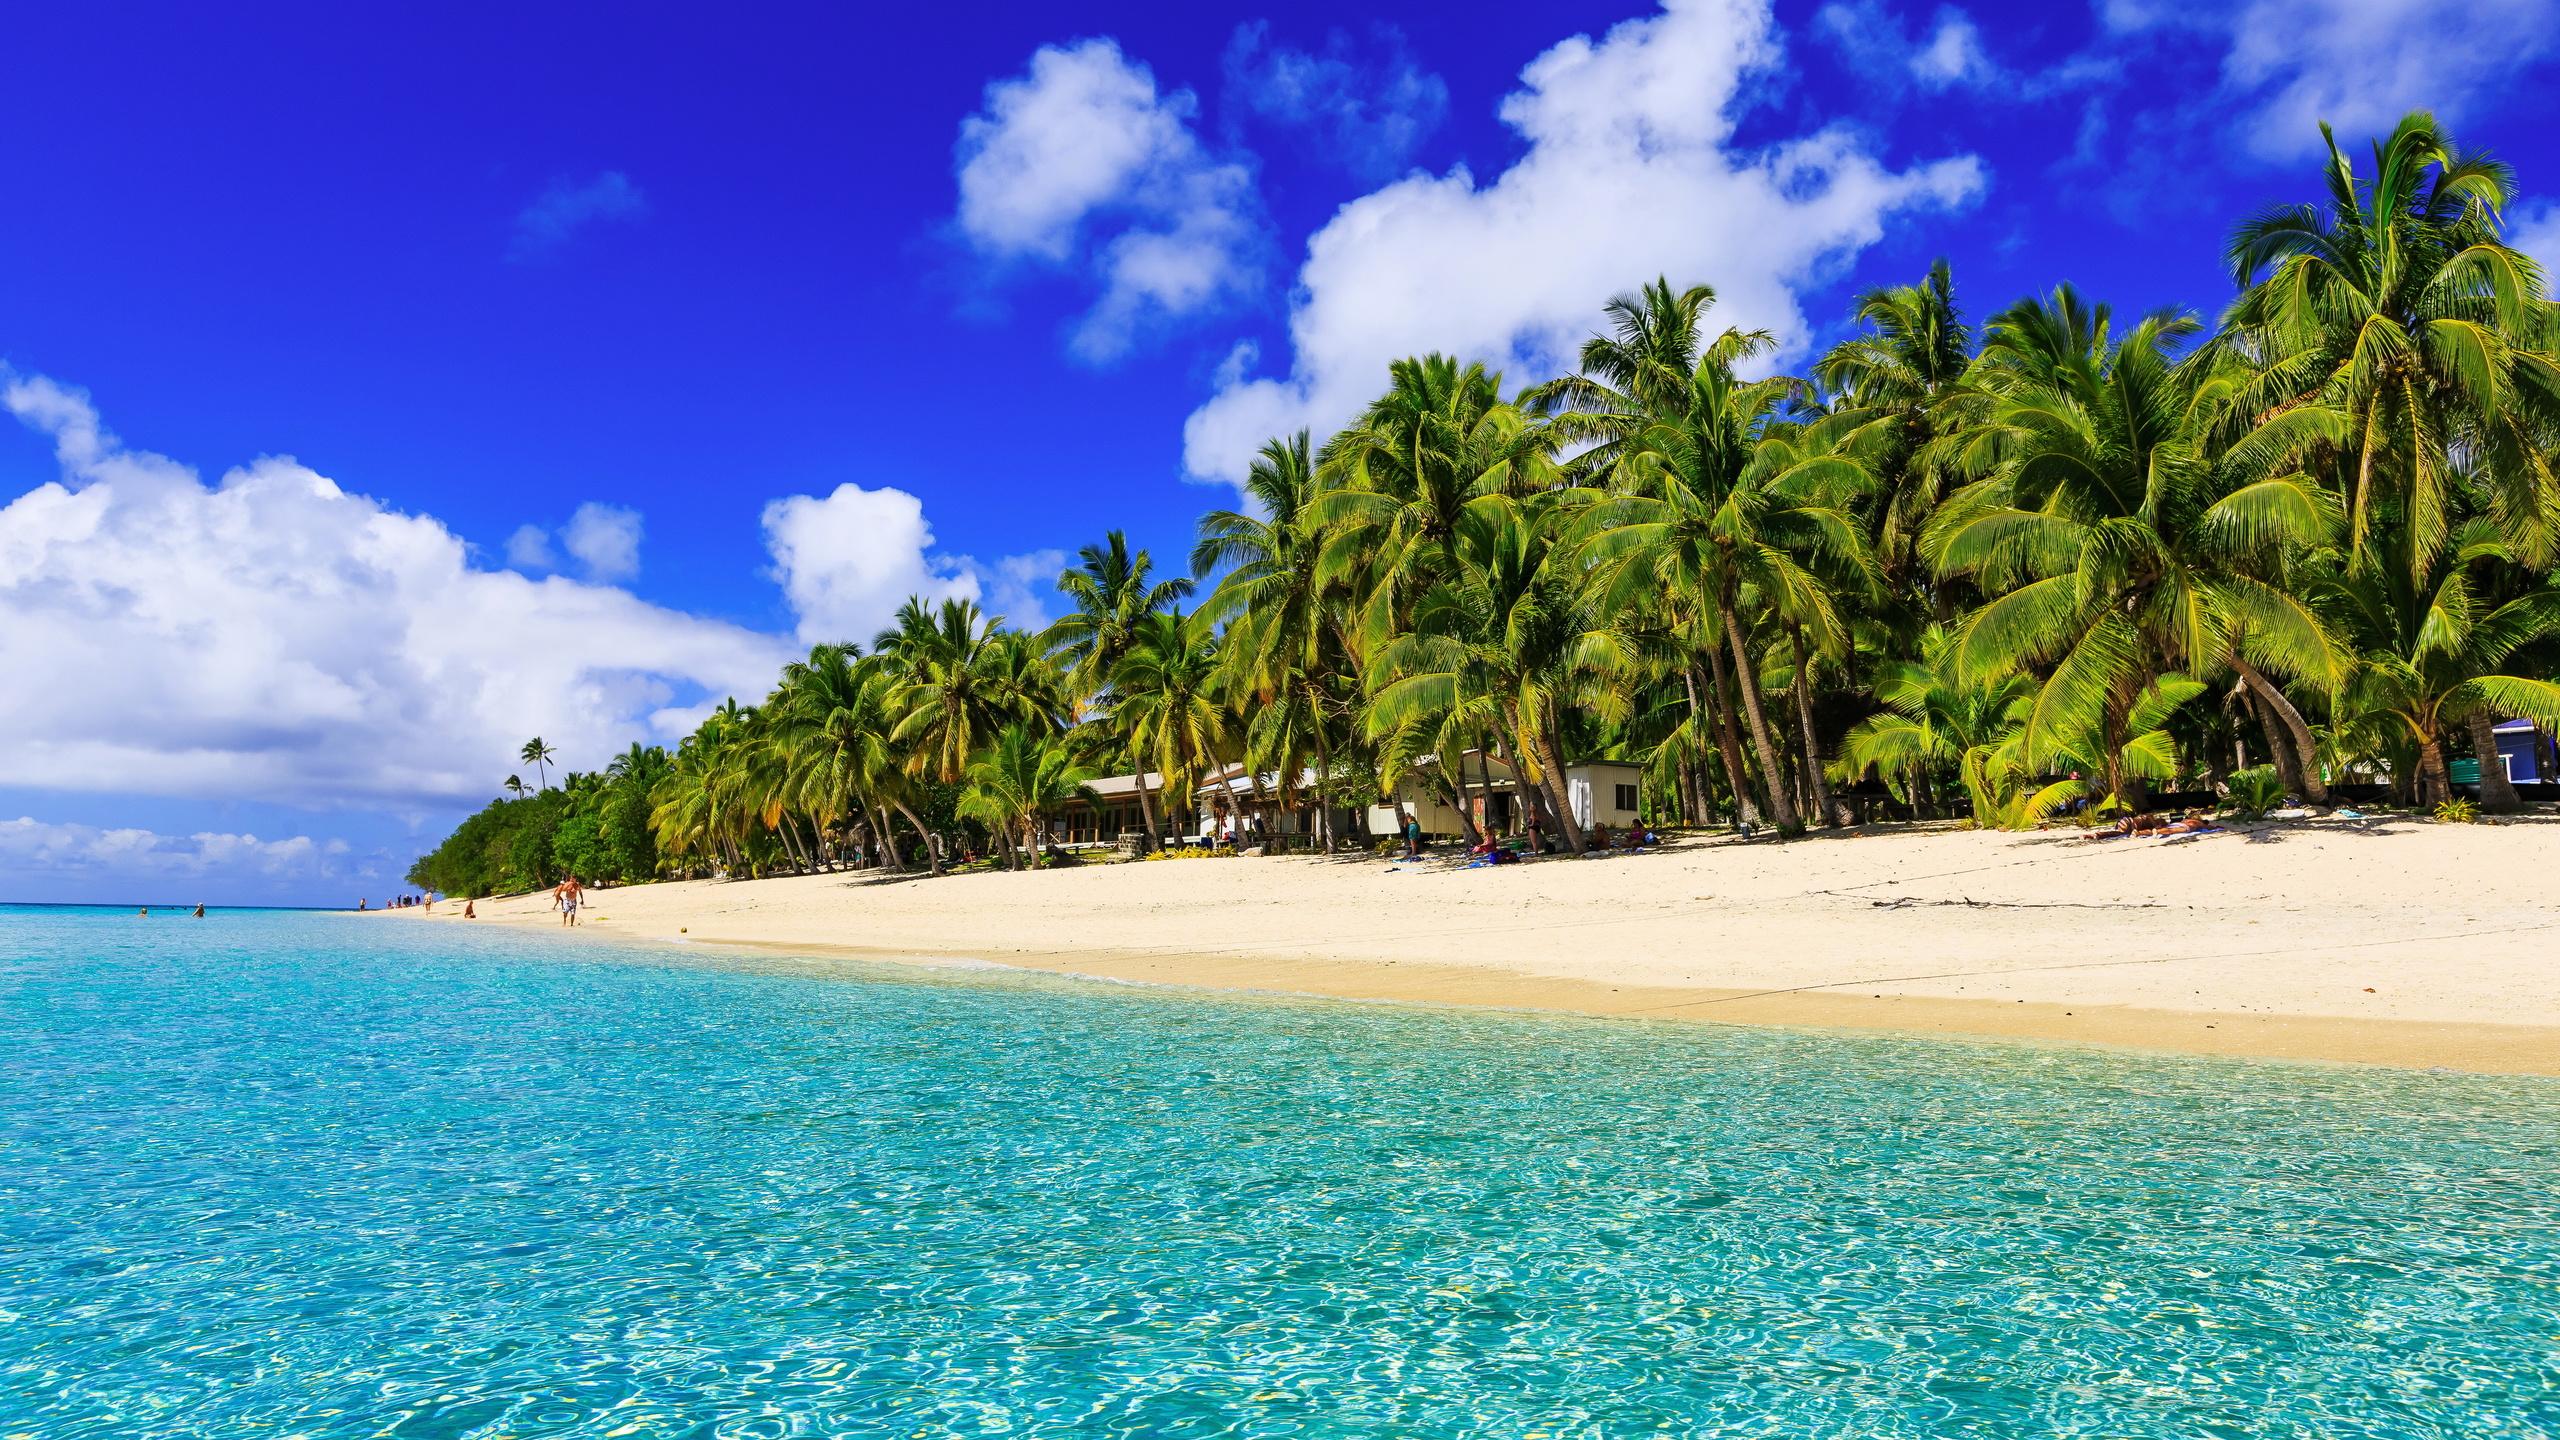 тропики, курорт, пальмы, океан, берег, пляж, пальмы